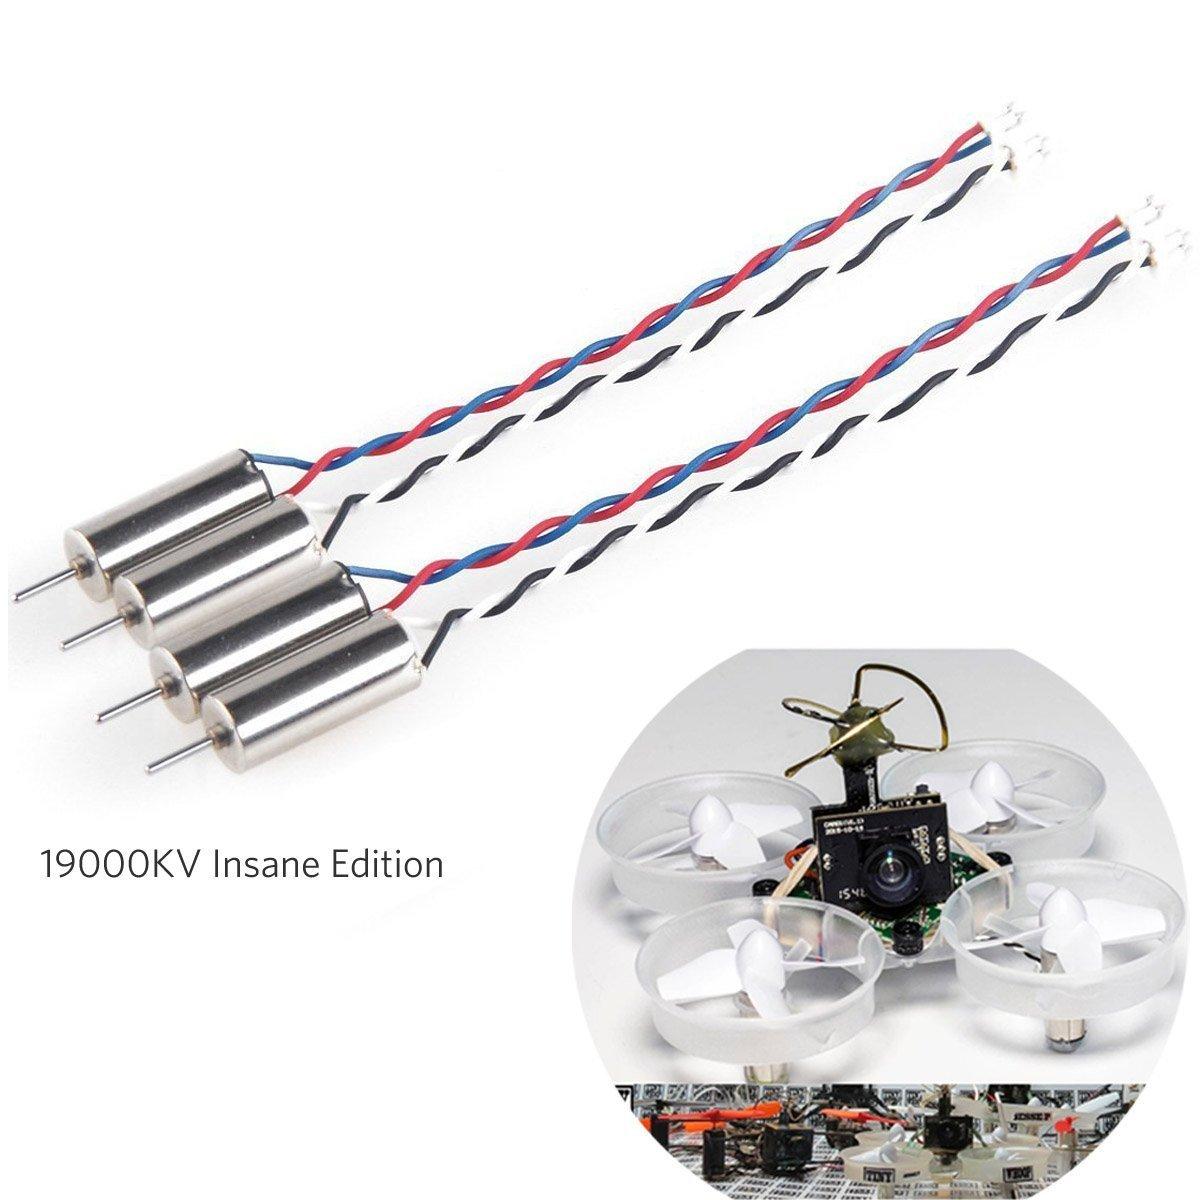 4pcs 6x15mm Motor (Geschwindigkeit: Wahnsinnig) 19000KV fü r Blade Inductrix Tiny Whoop Micro JST 1.25 Stecker mit Gummi Ringe Fancywhoop